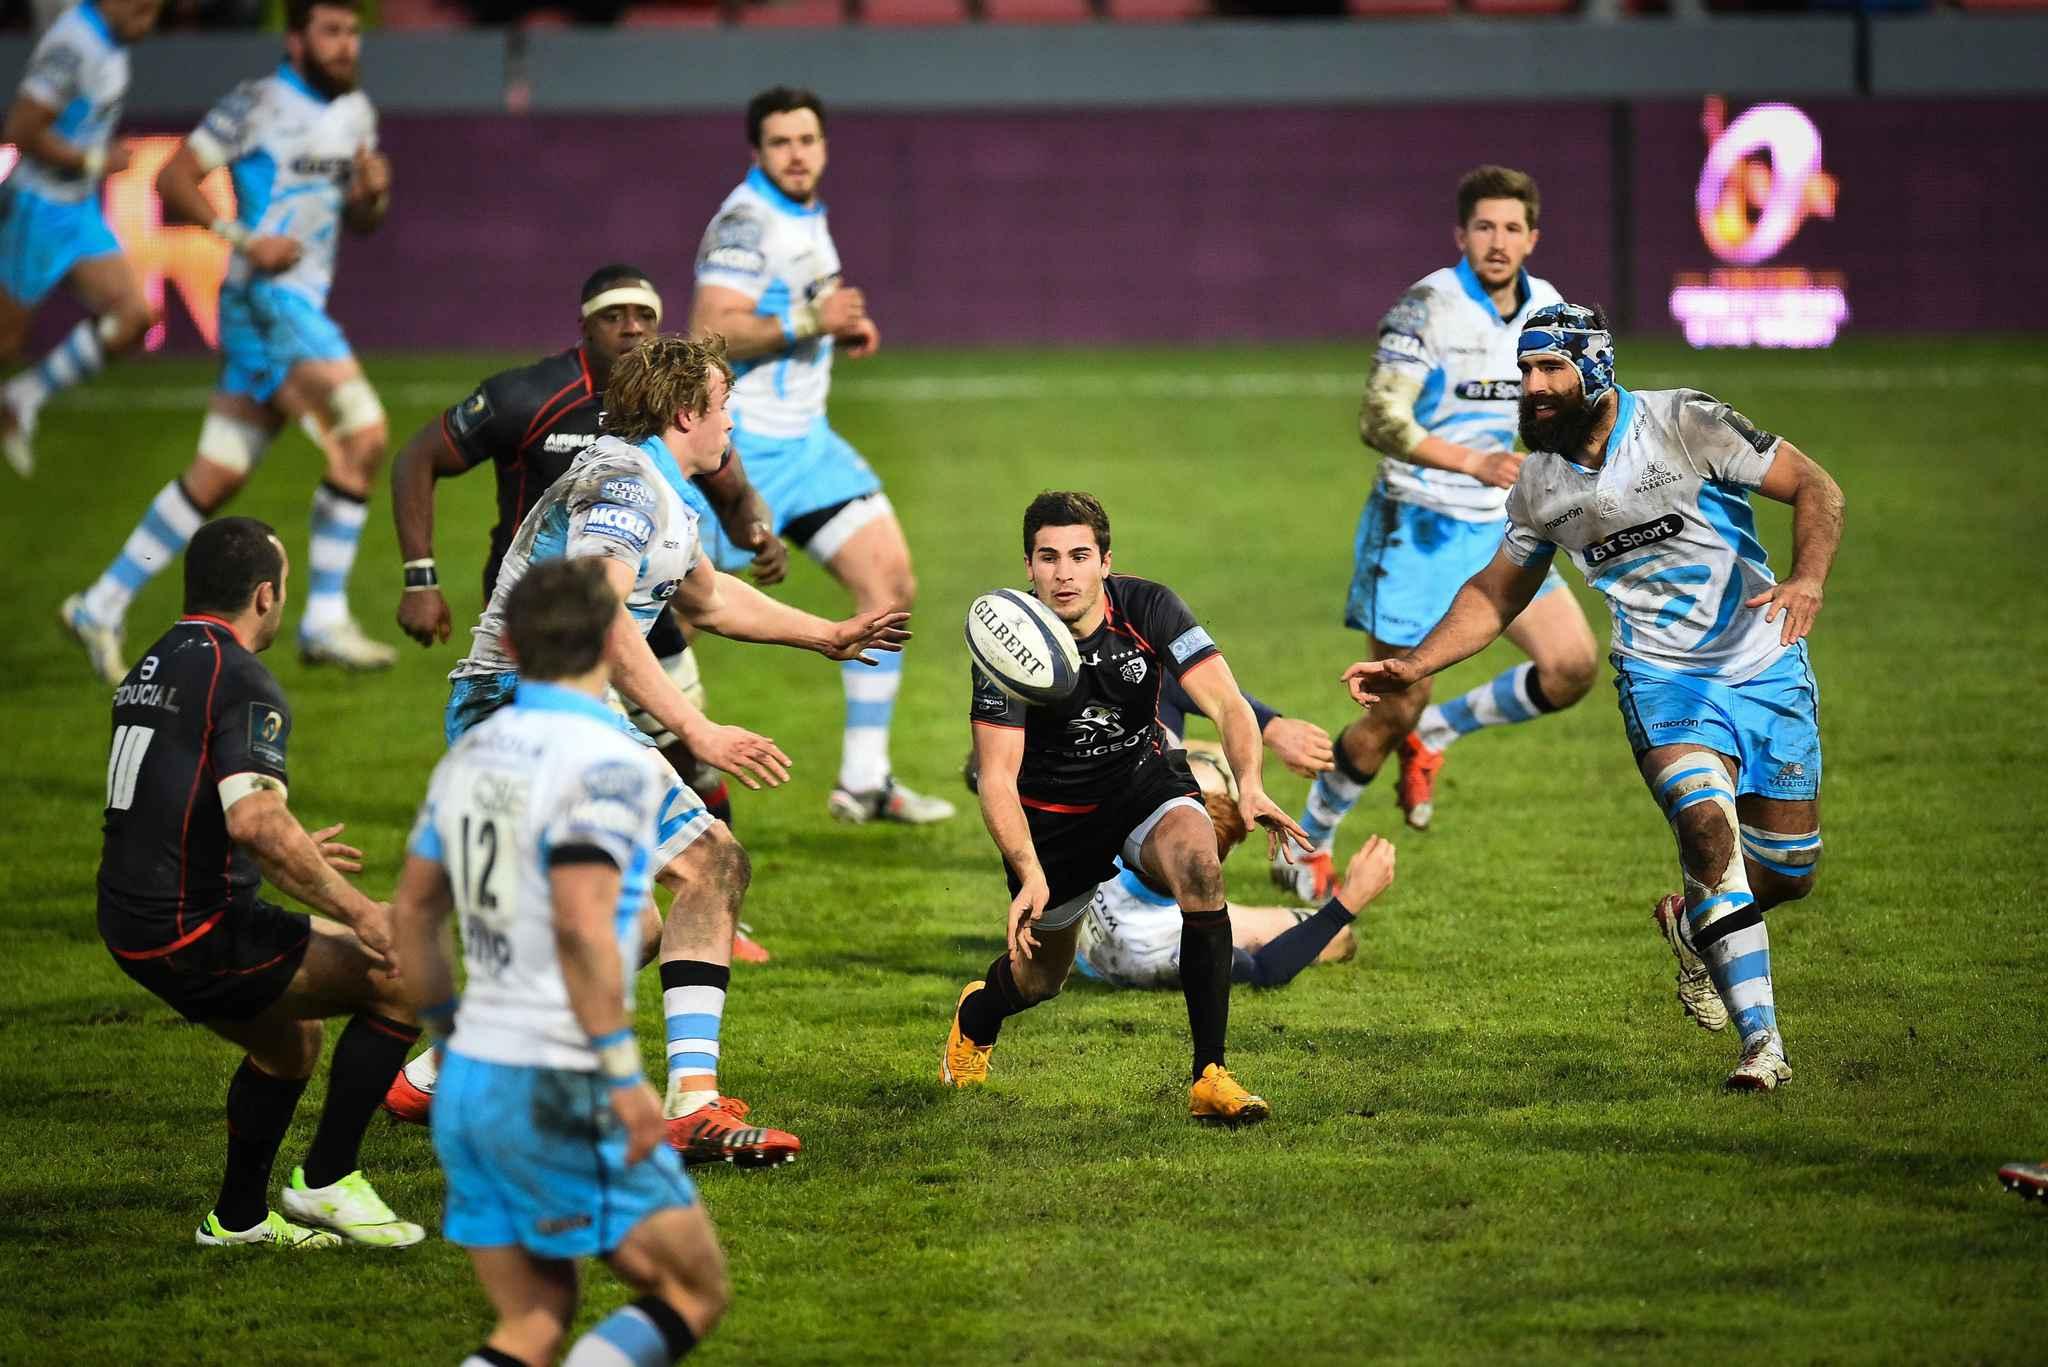 Coupe d 39 europe le stade toulousain a r ussi son pari d 39 une charni re doussain b zy fait - Retransmission coupe europe rugby ...